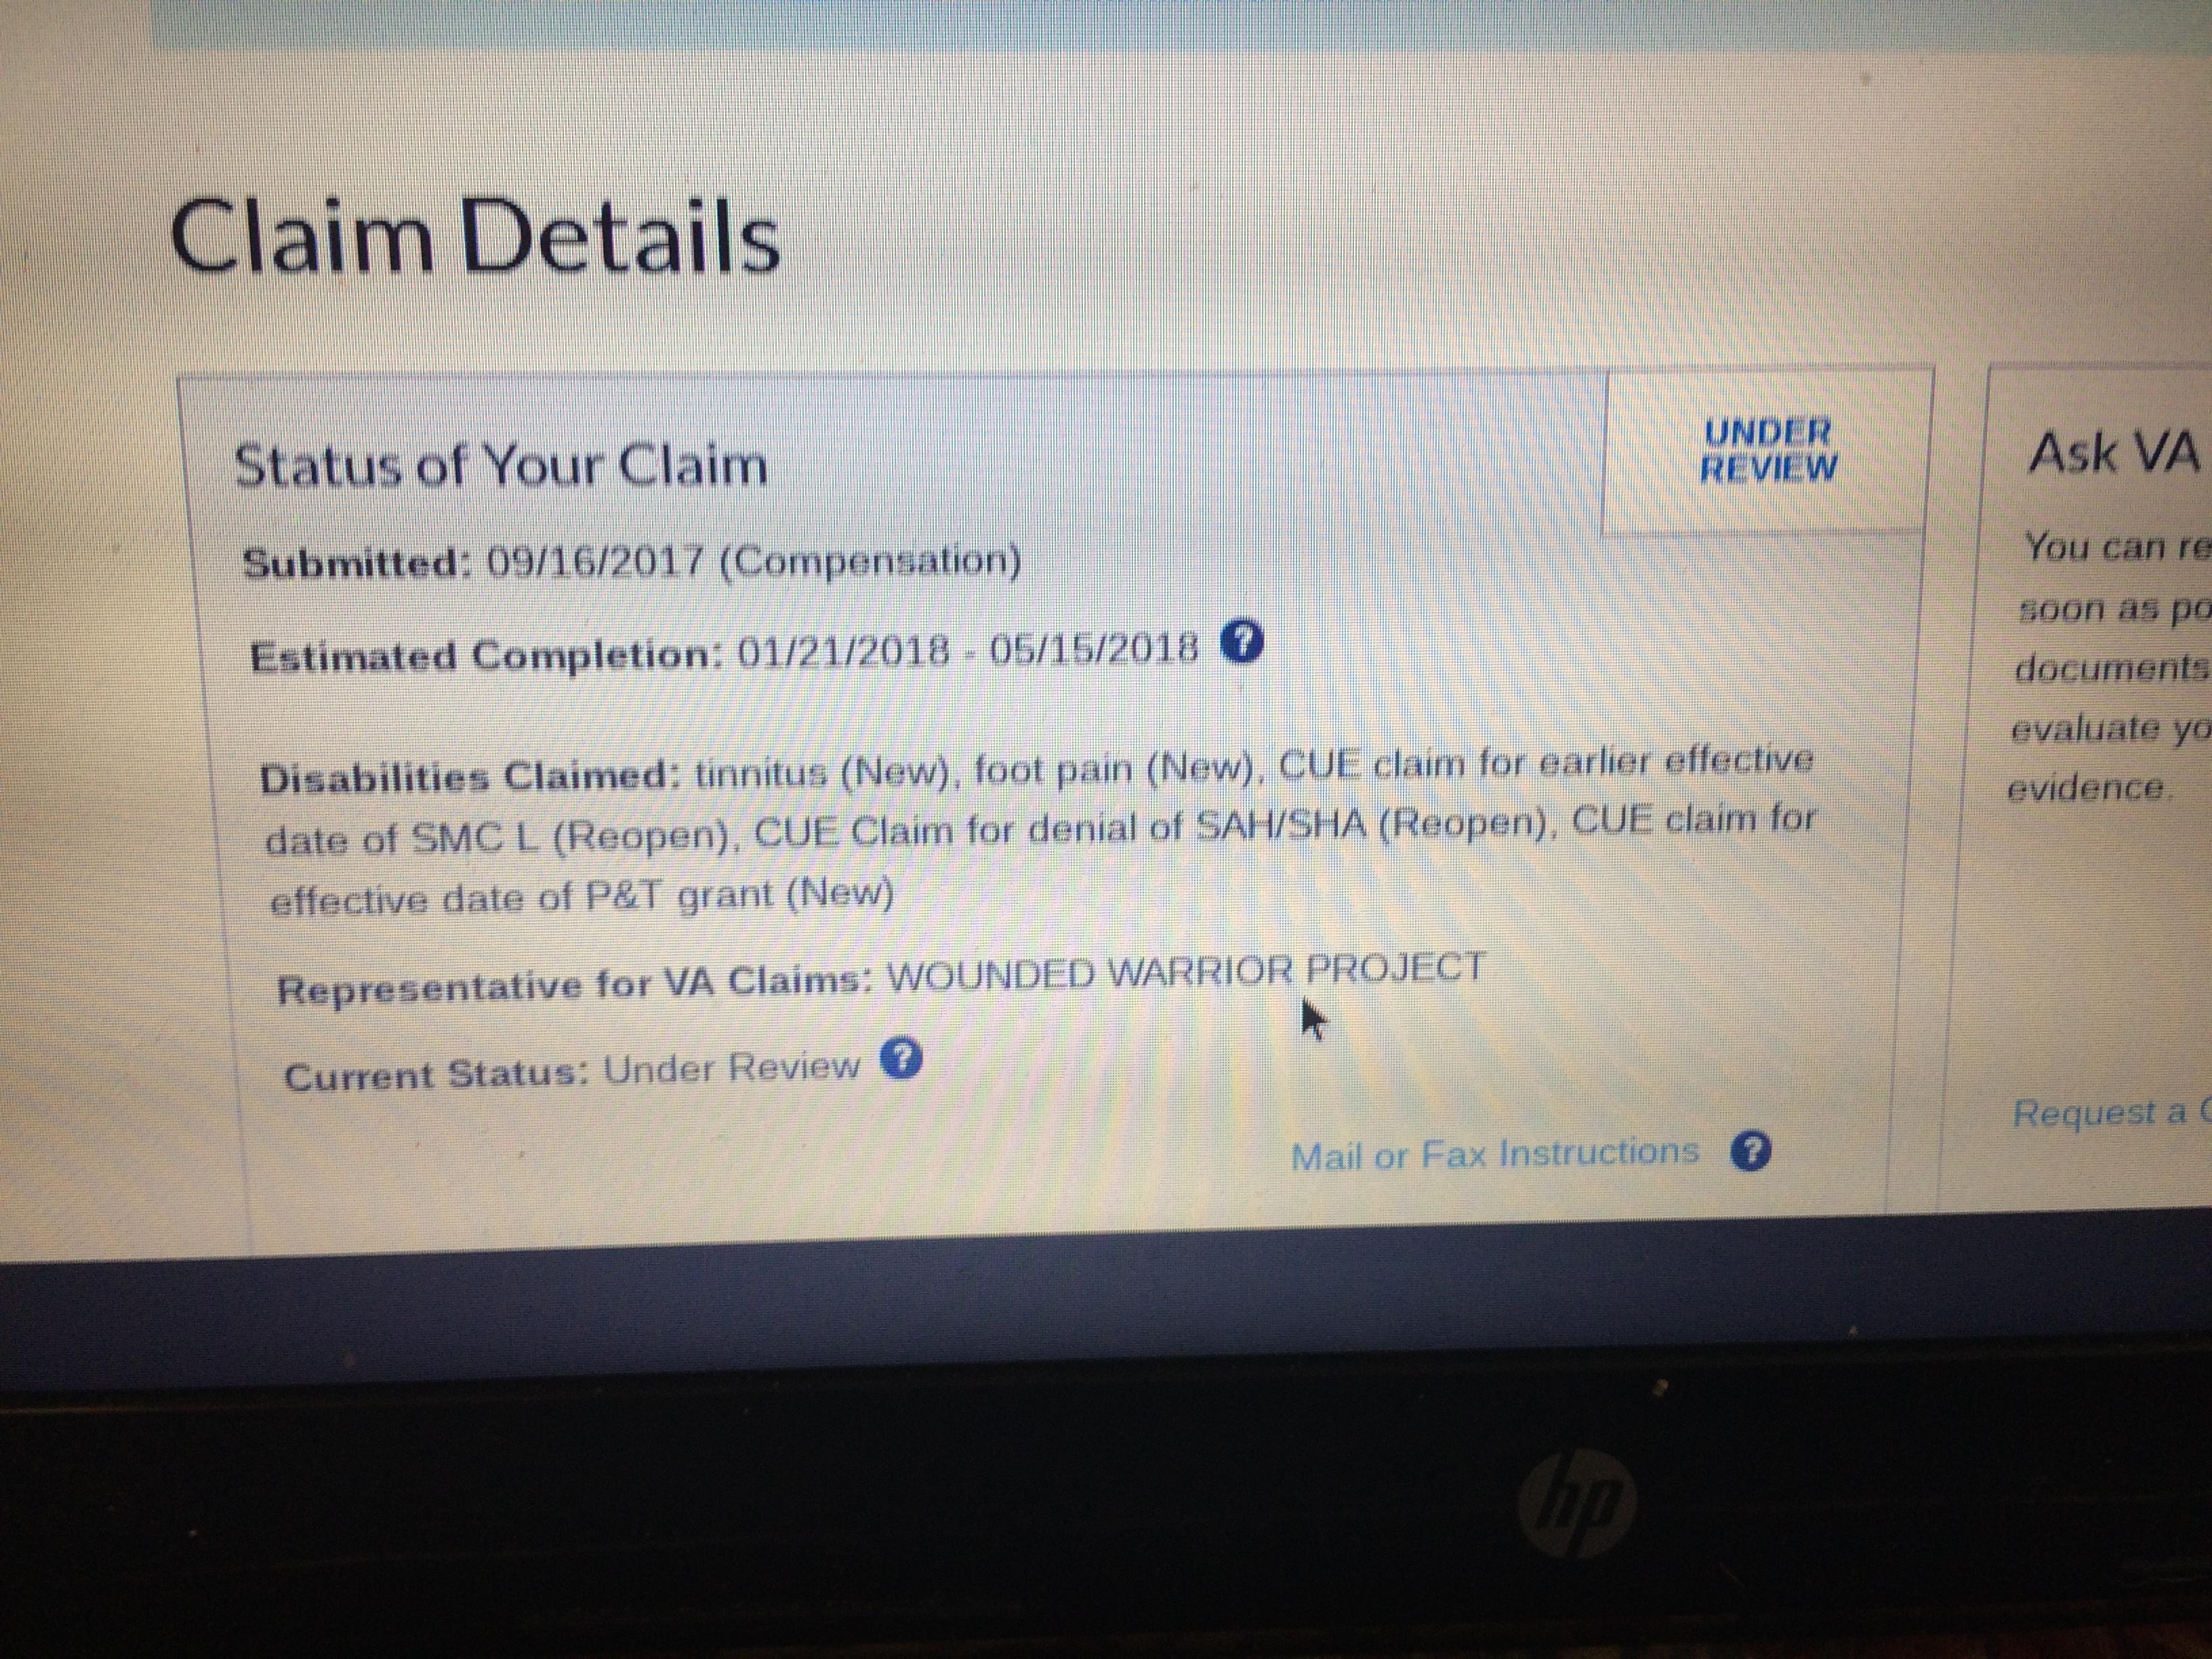 mbl22885's Content - VA Disability Compensation Benefits